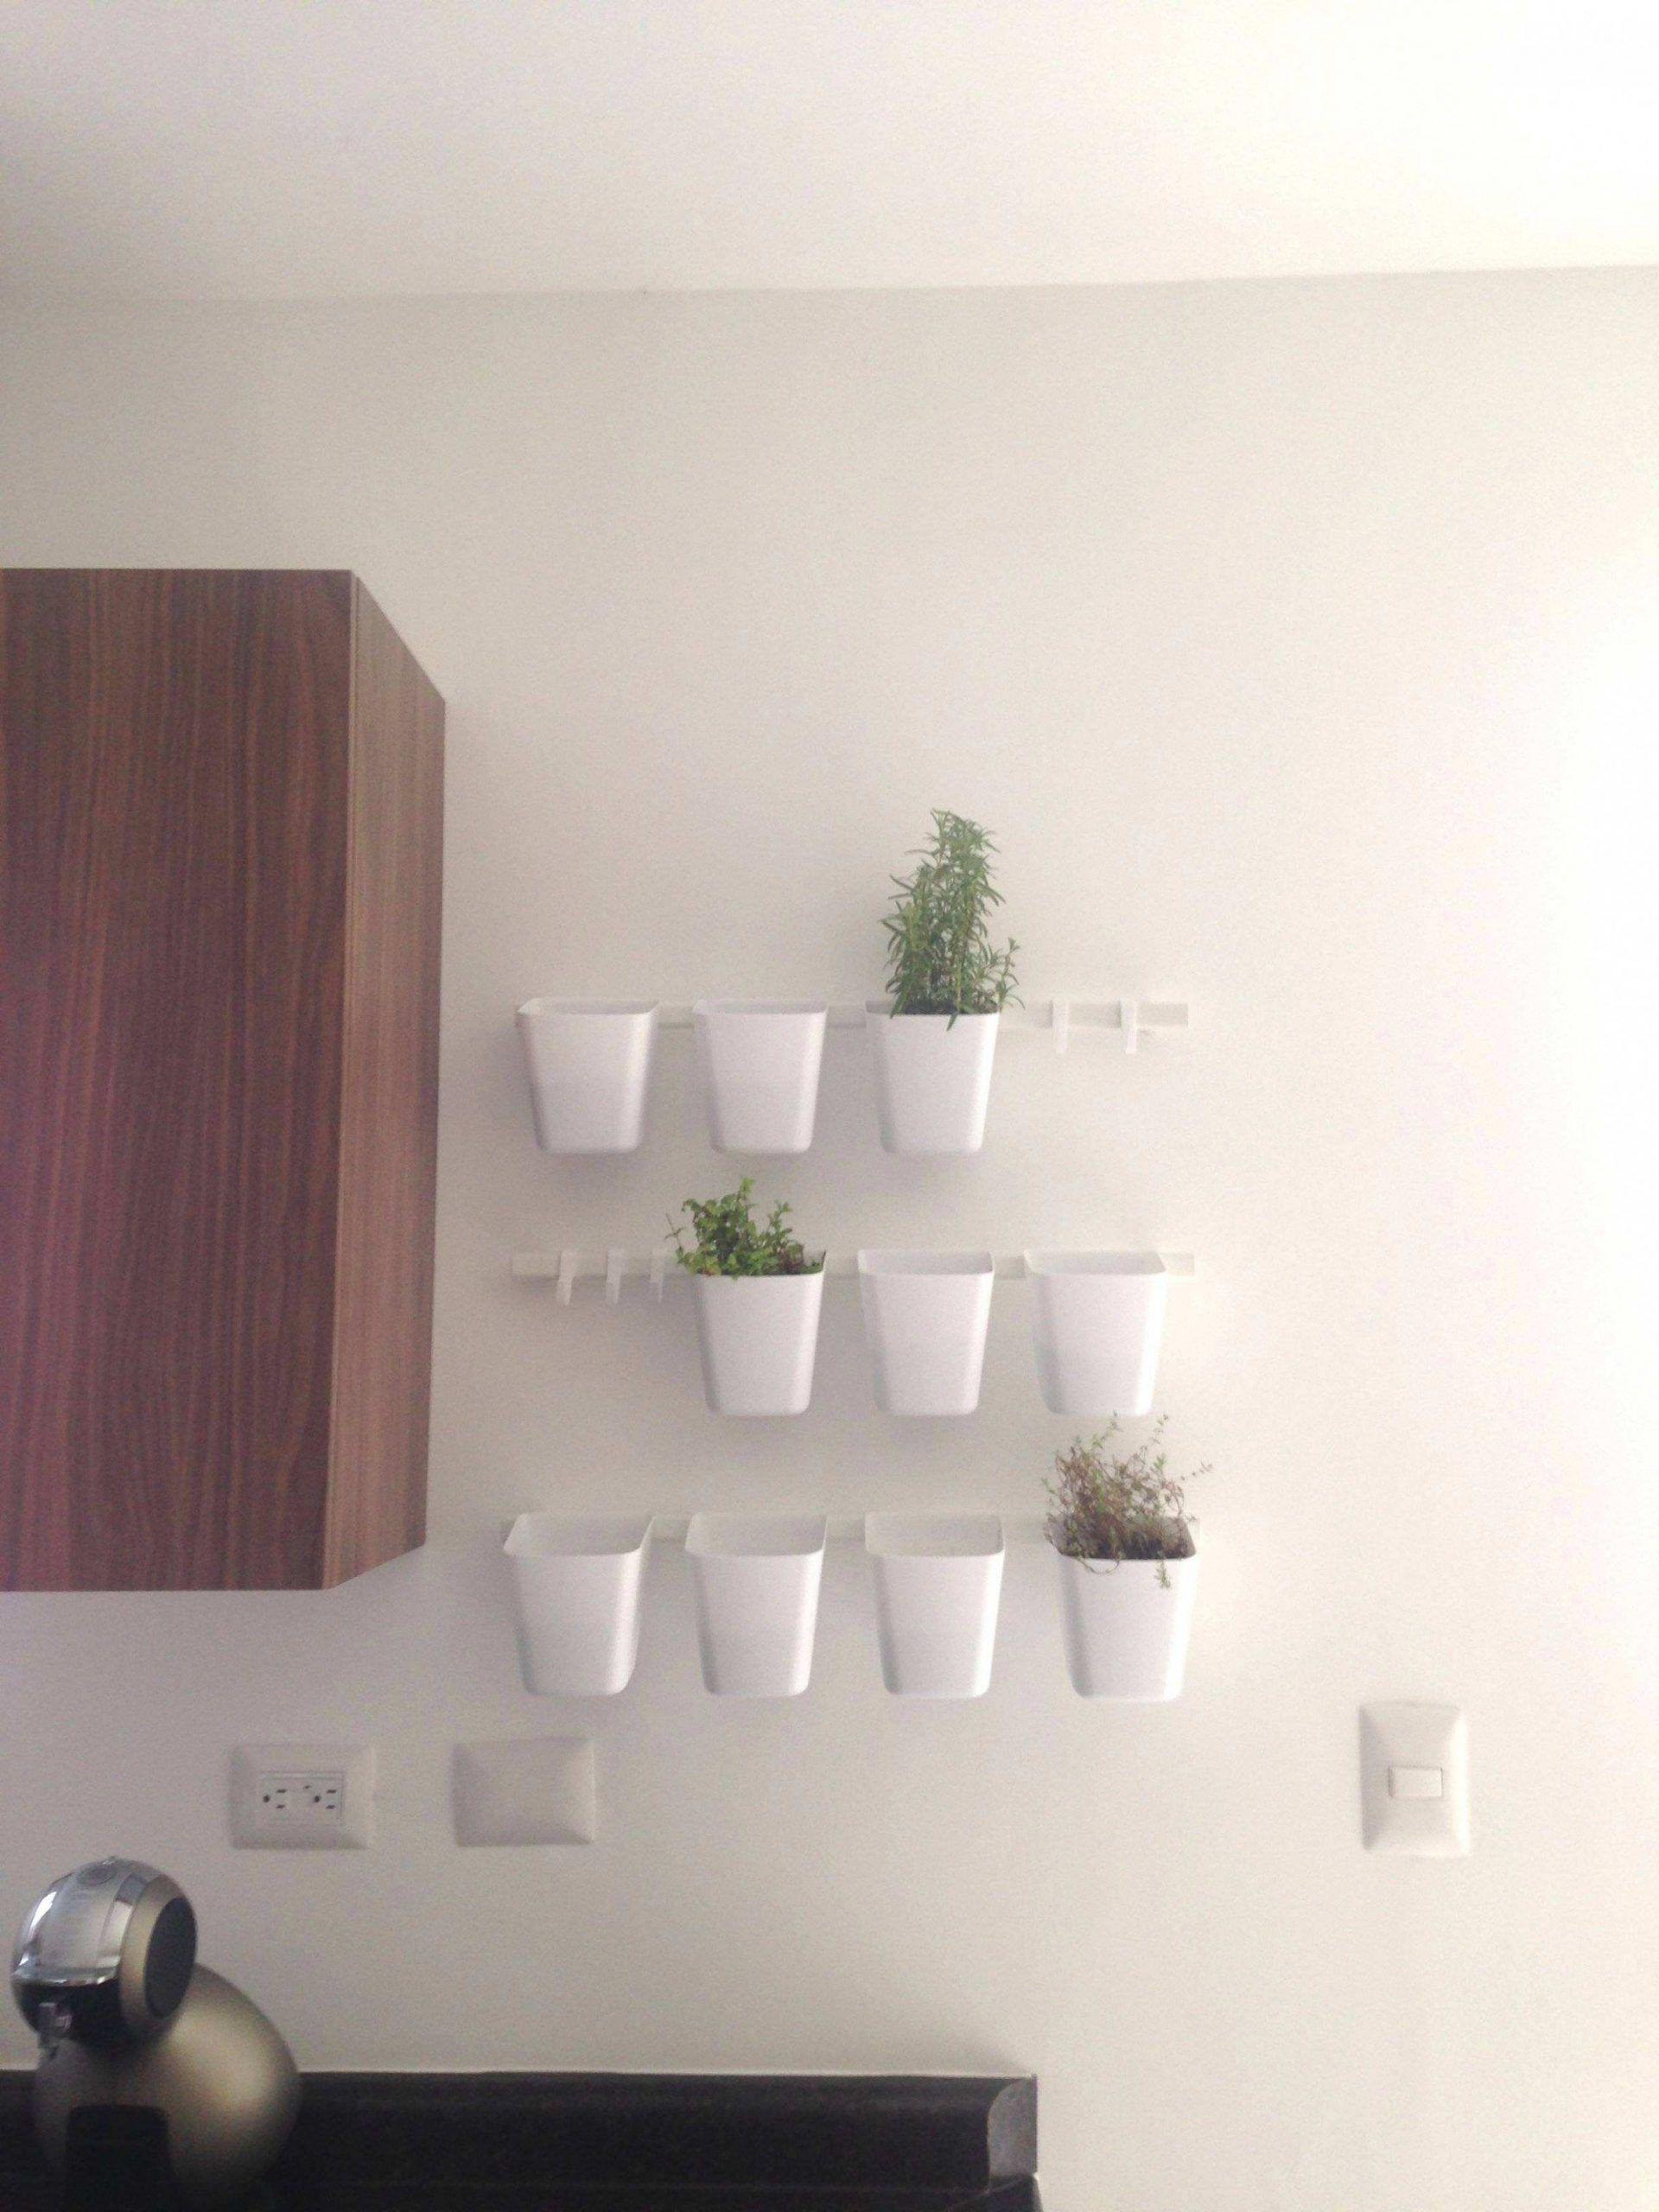 7 Deko Basteln Wohnzimmer in 7  Badezimmer aufbewahrung